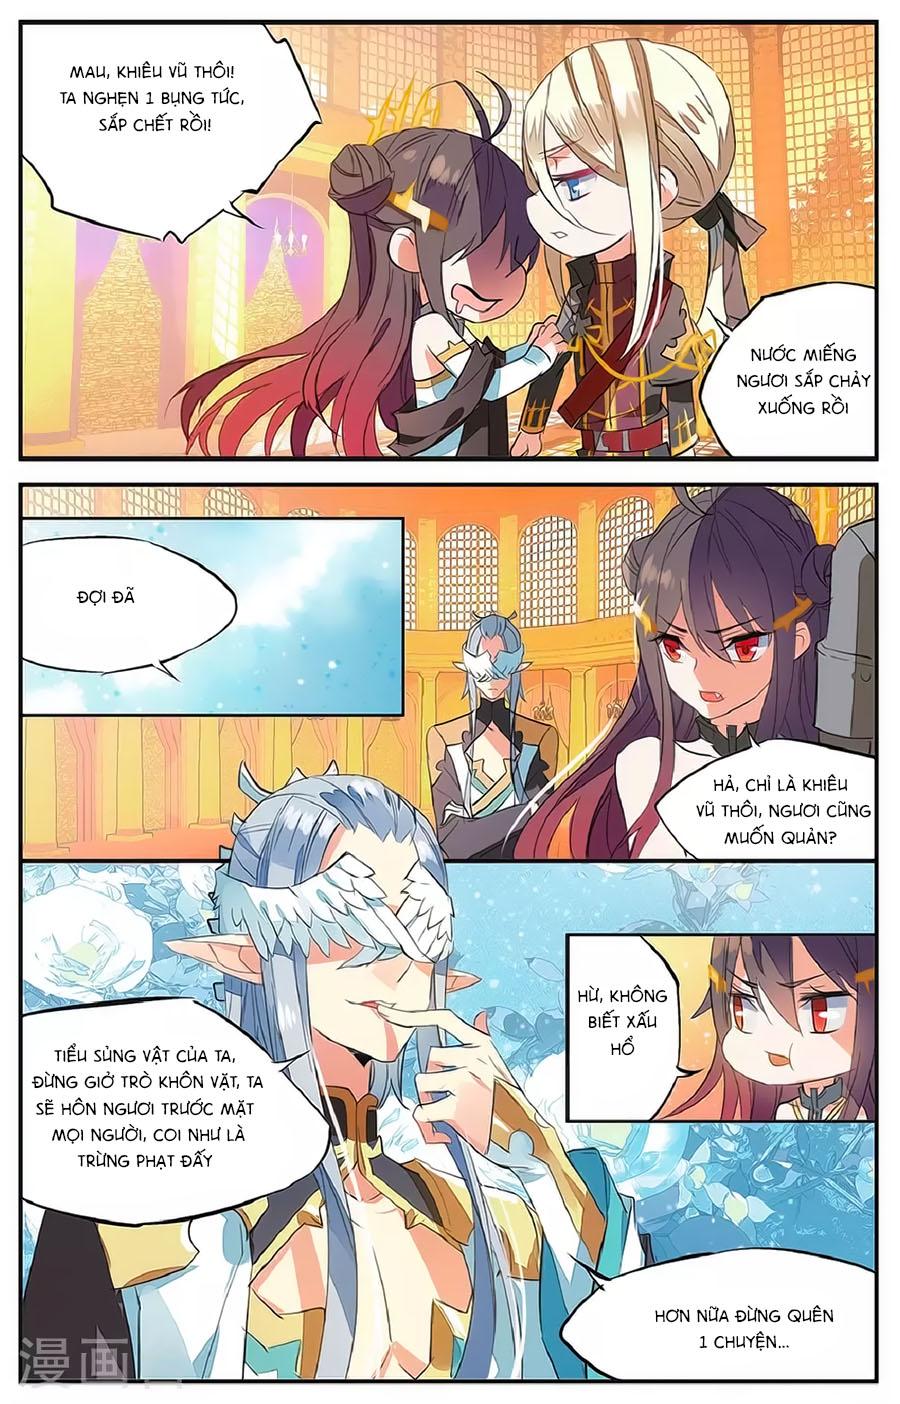 Nữ Nhân Dũng Cảm chap 61 - Trang 9